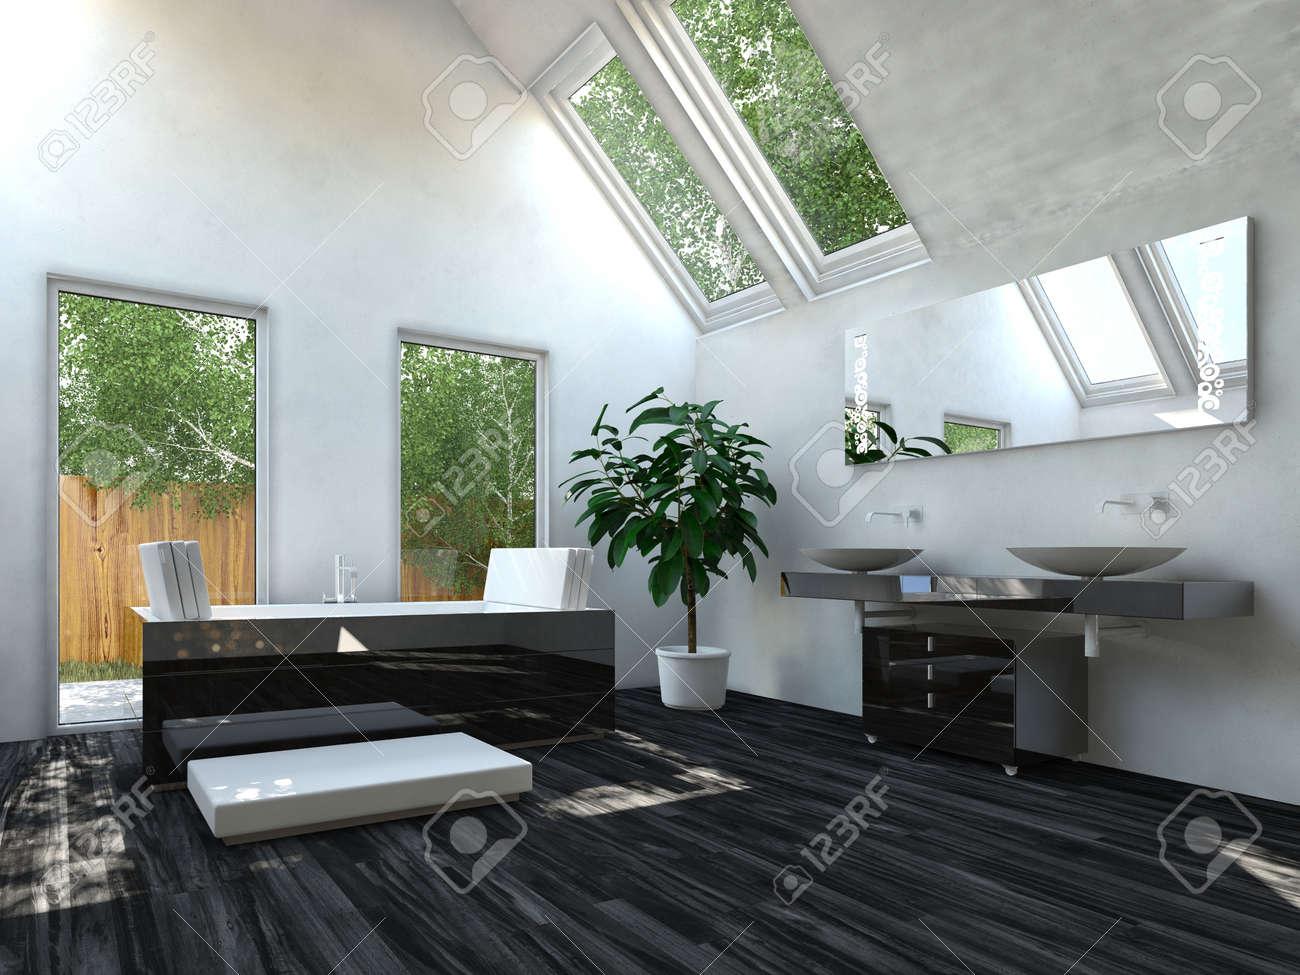 Elegante Schwarze Bodenbelag Wohnzimmer Mit Weissen Und Glaswande